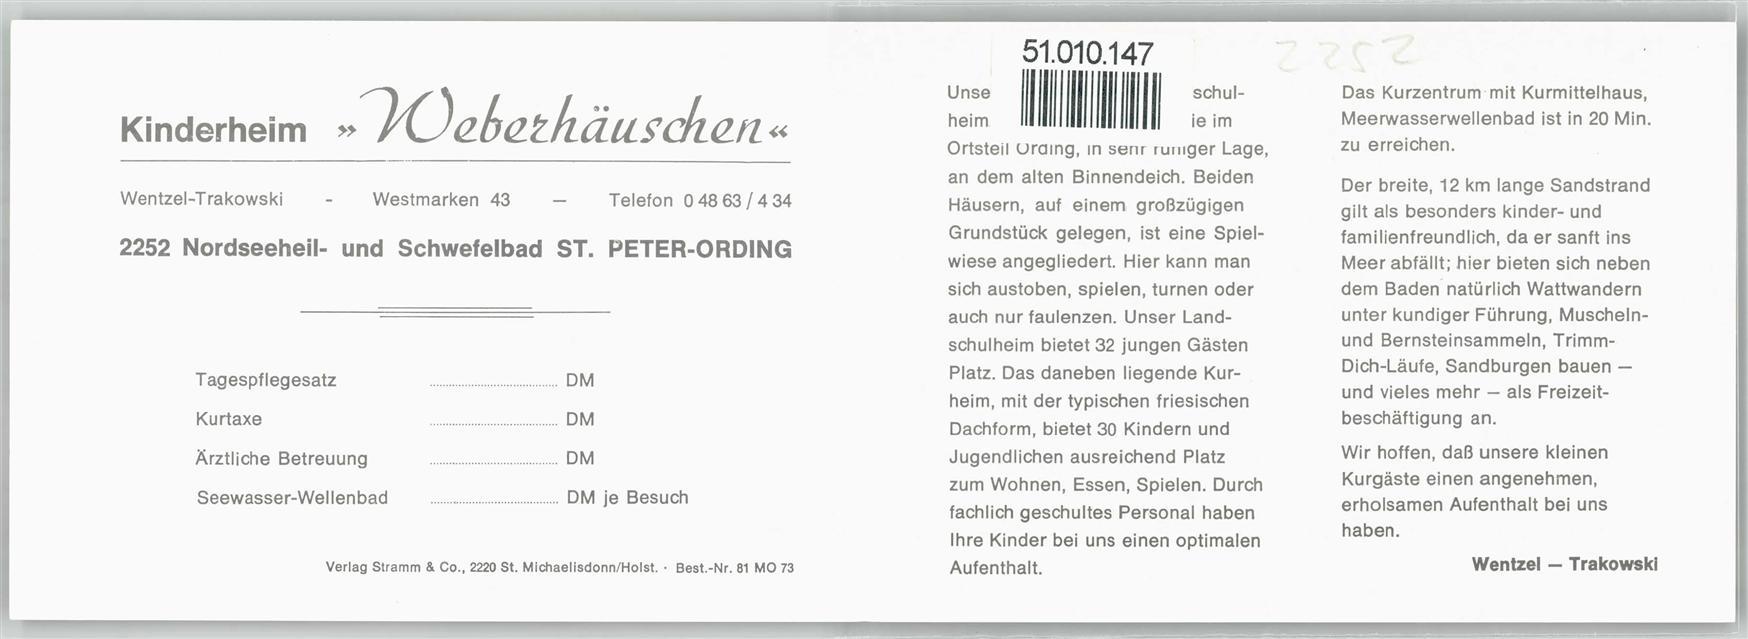 Sankt Peter Ording Karte.2252 Sankt Peter Ording Kinderheim Weberhäuschen Klapp Karte